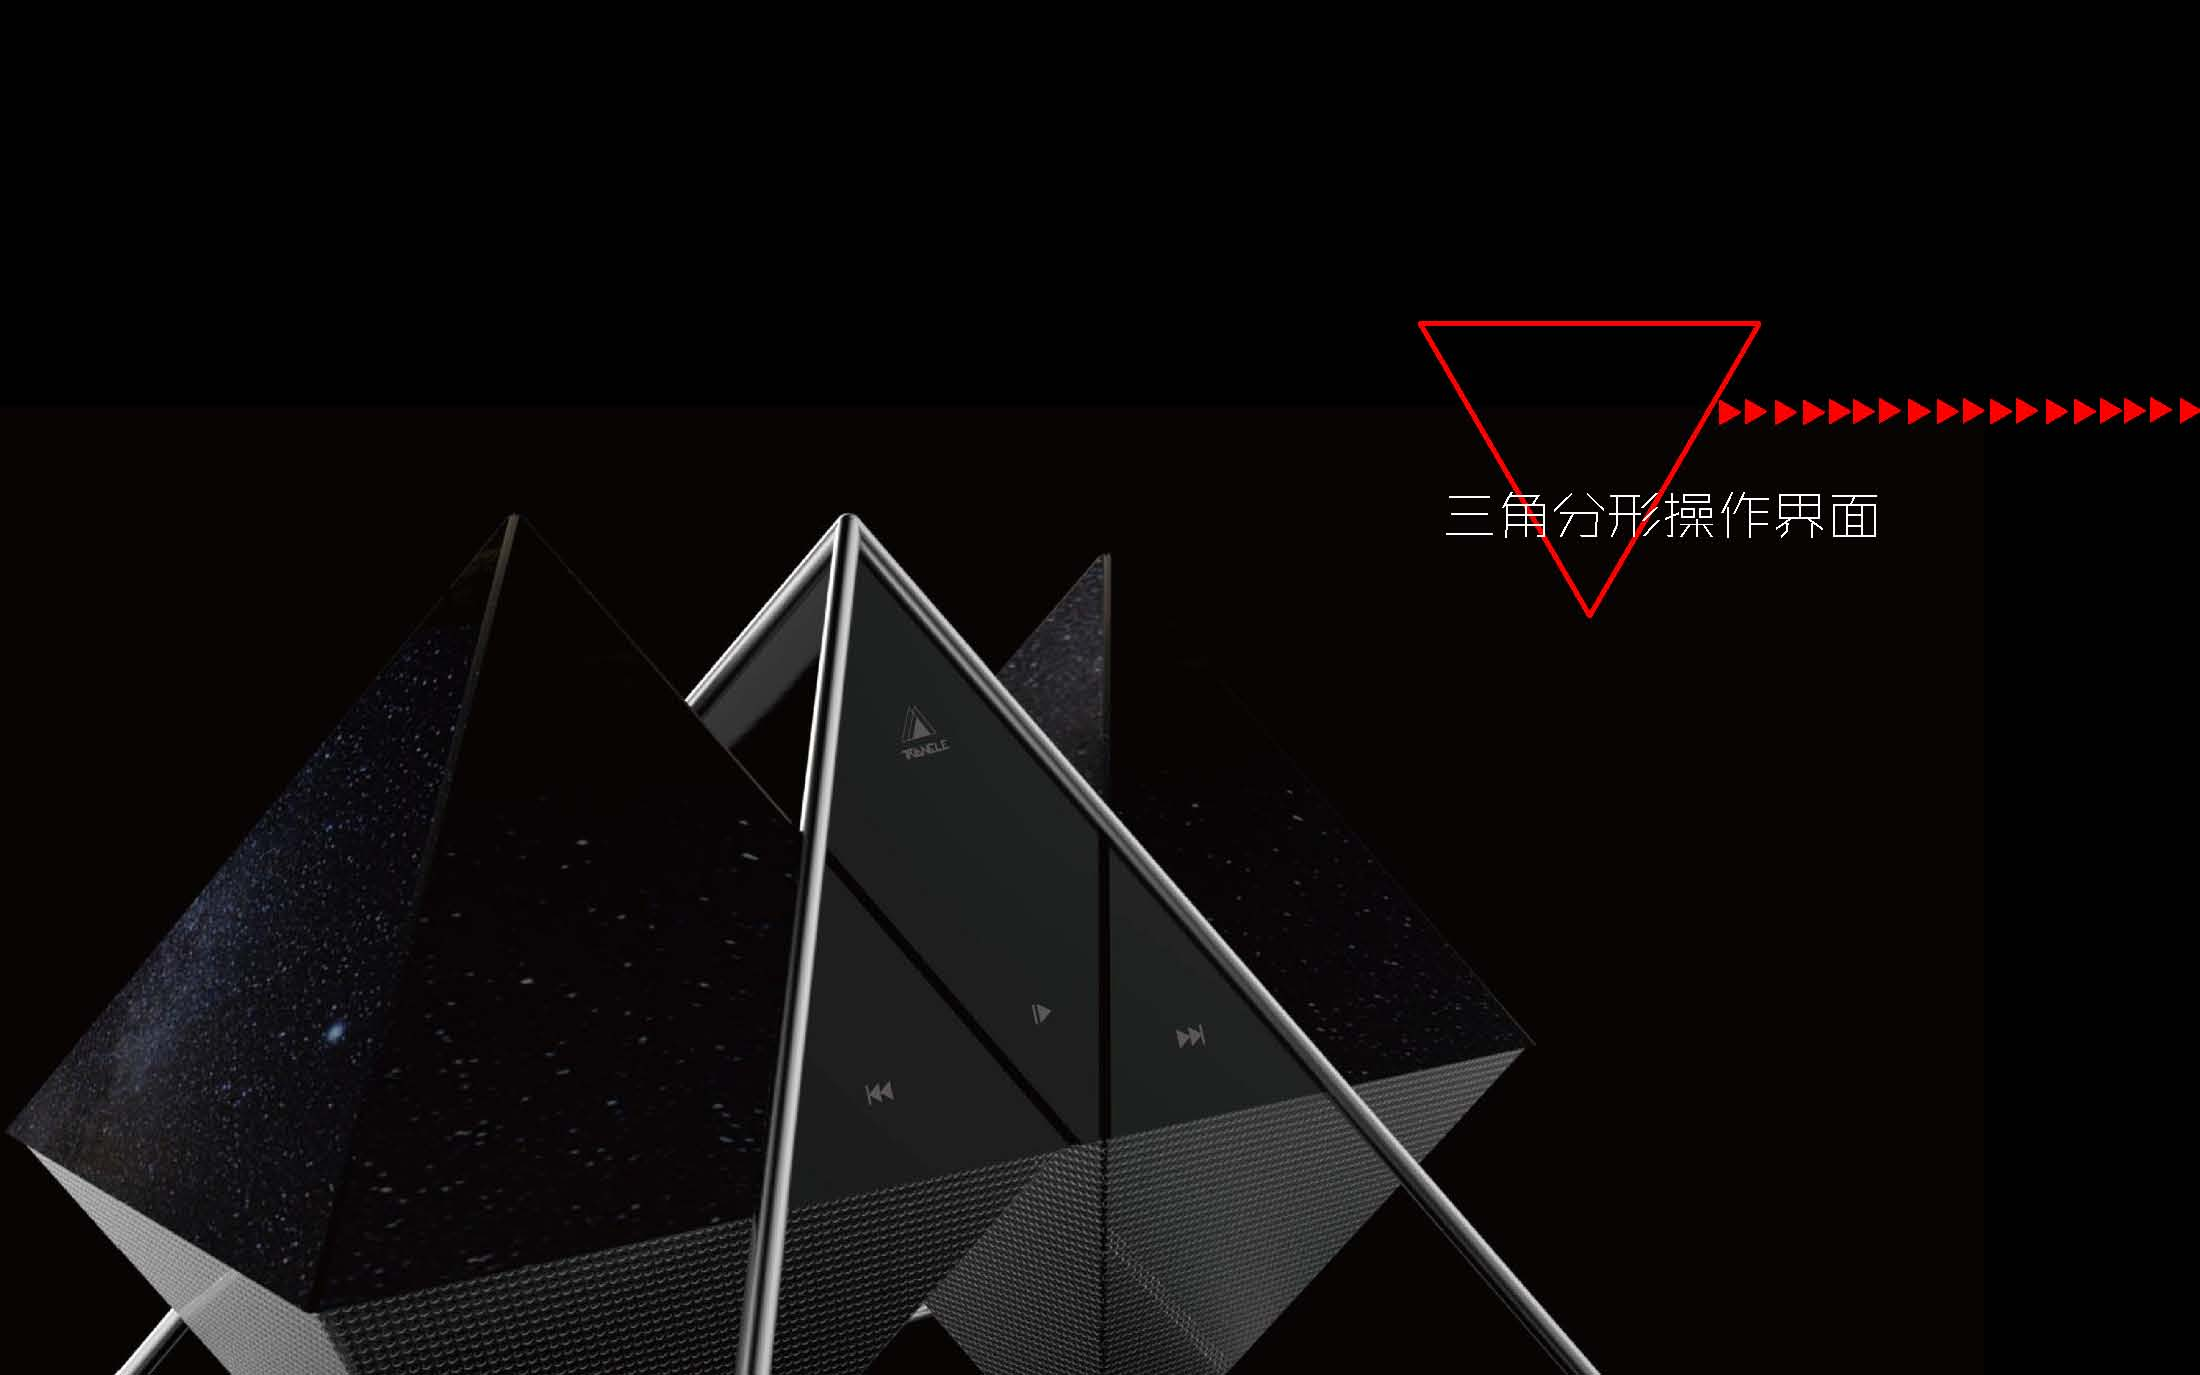 金属摇滚元素 金字塔音响播放器设计